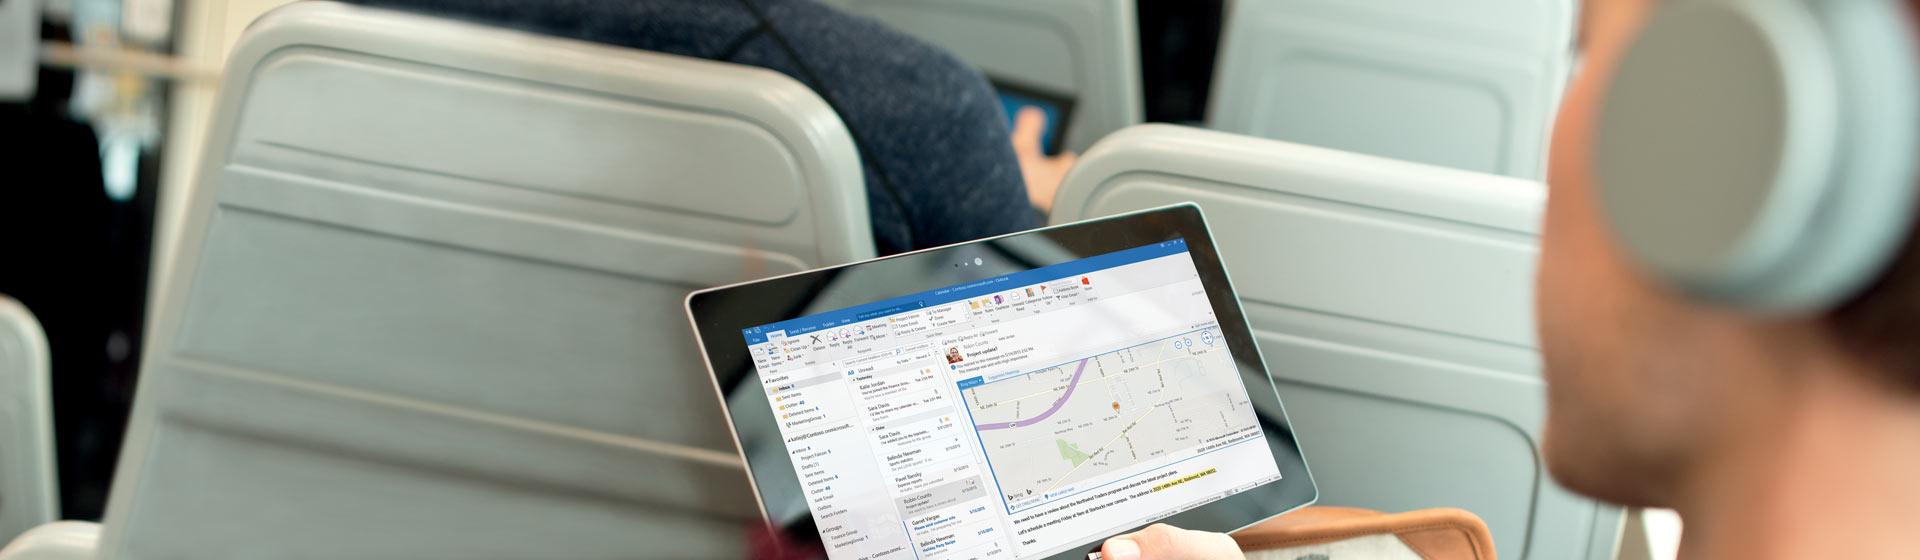 Um homem segurando um tablet mostrando a caixa de entrada do email no Office 365